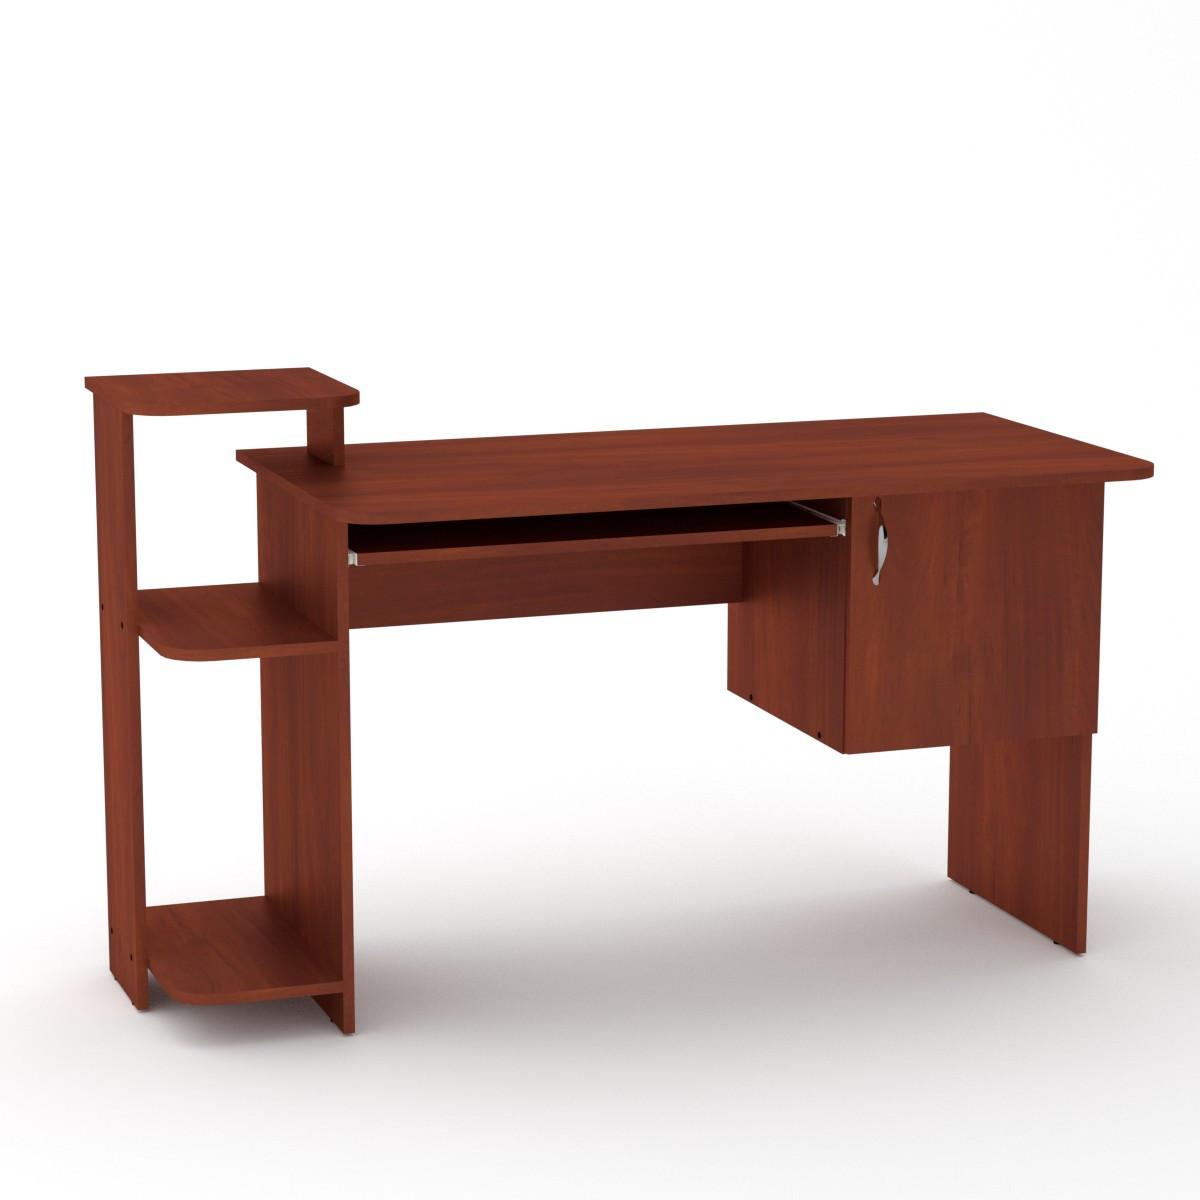 Стол компьютерный СКМ-3 яблоня Компанит (142х60х87 см)